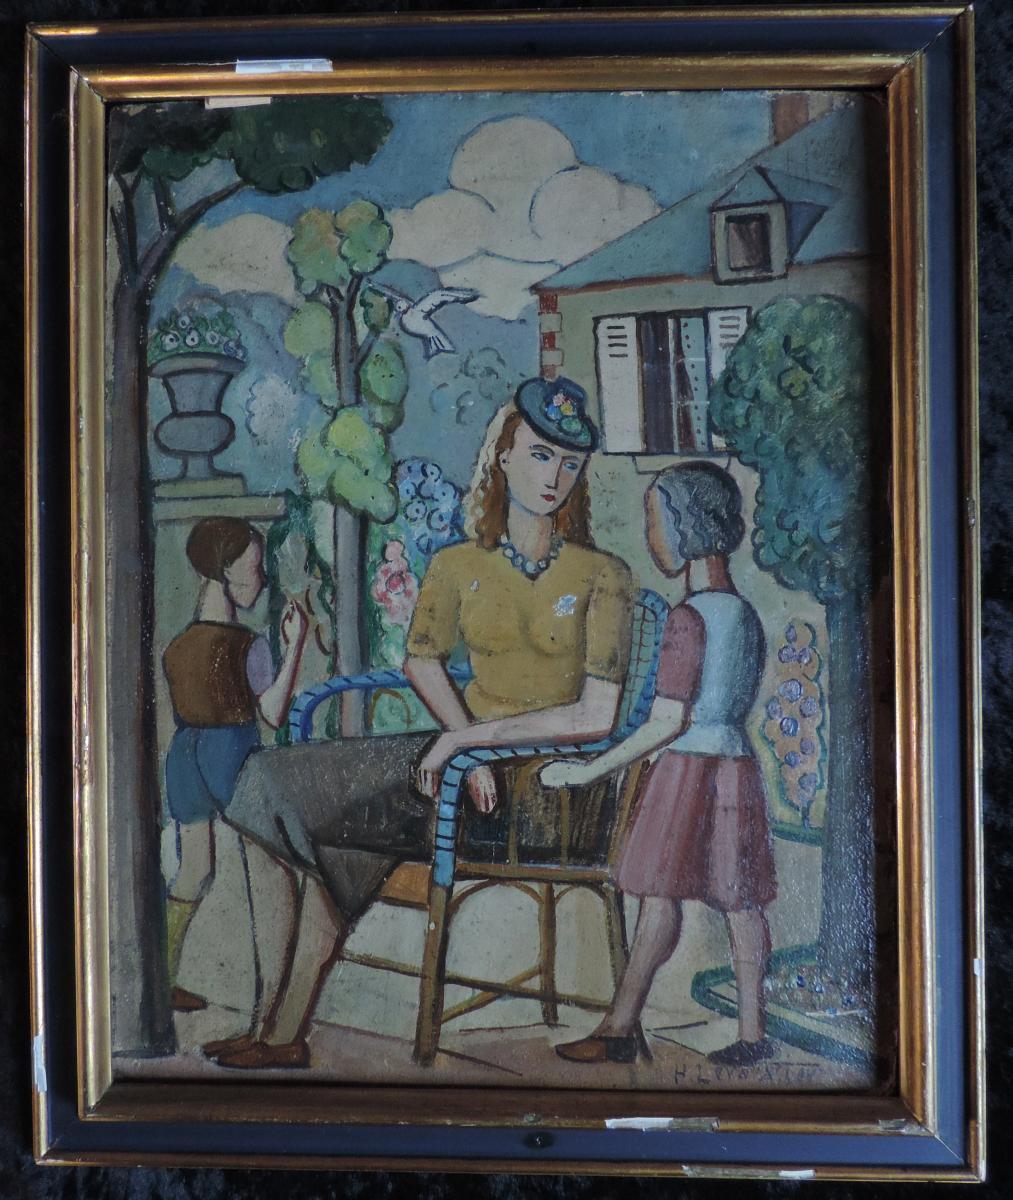 Henri Levavasseur (1881-1962), Oil On Cardboard, 1933.